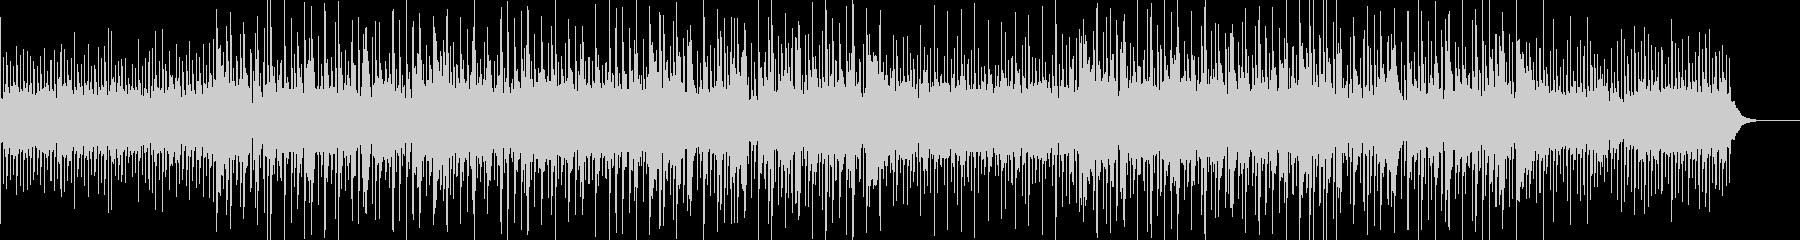 ヒーリング音楽っぽい気持ちのいいBGMの未再生の波形